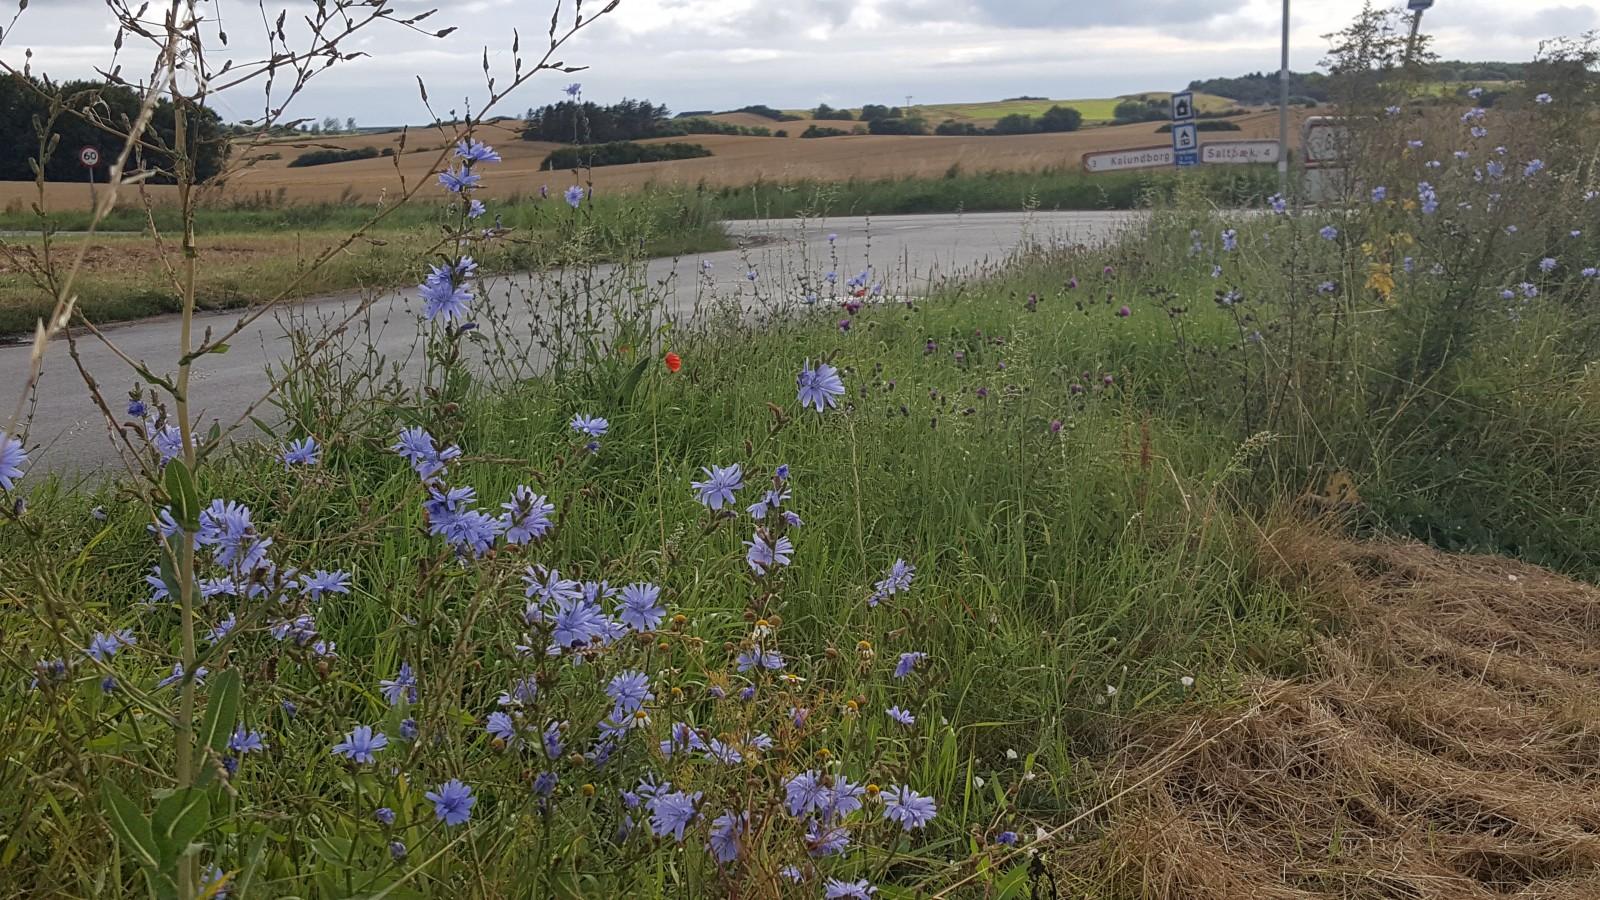 Denmark in bloom! Summertime wildflowers by the roadside